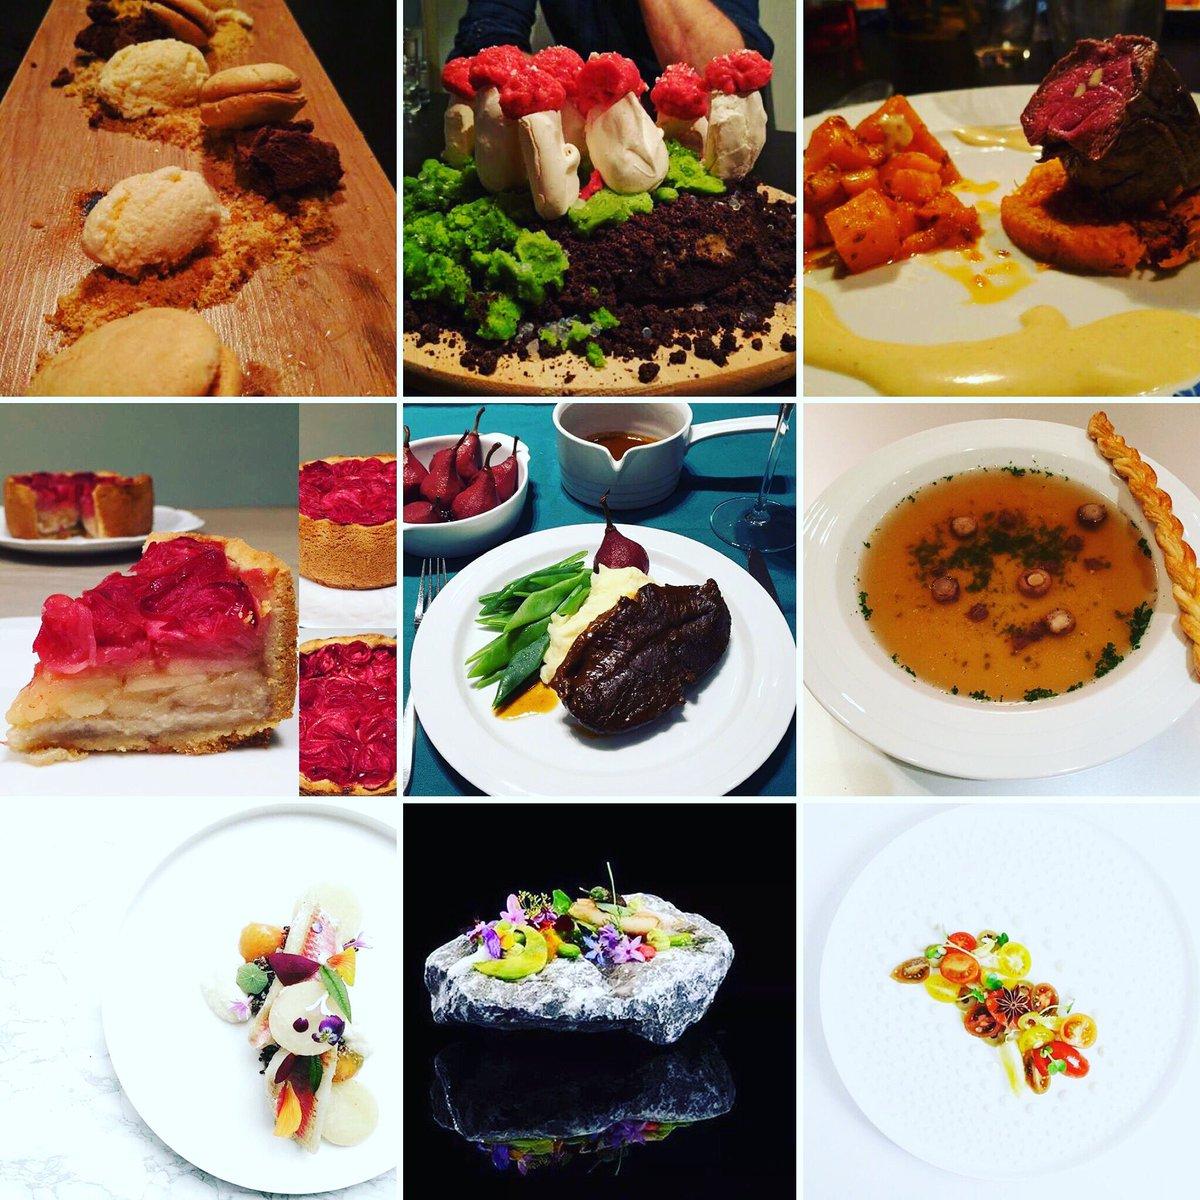 Mmm! Bekijk hier vast de foodfoto's de winnende kandidaten die as zaterdag in de #voorrondes van de #foodcontest staan @MediaMarktEmmen😄 https://t.co/YmWdkMSziG